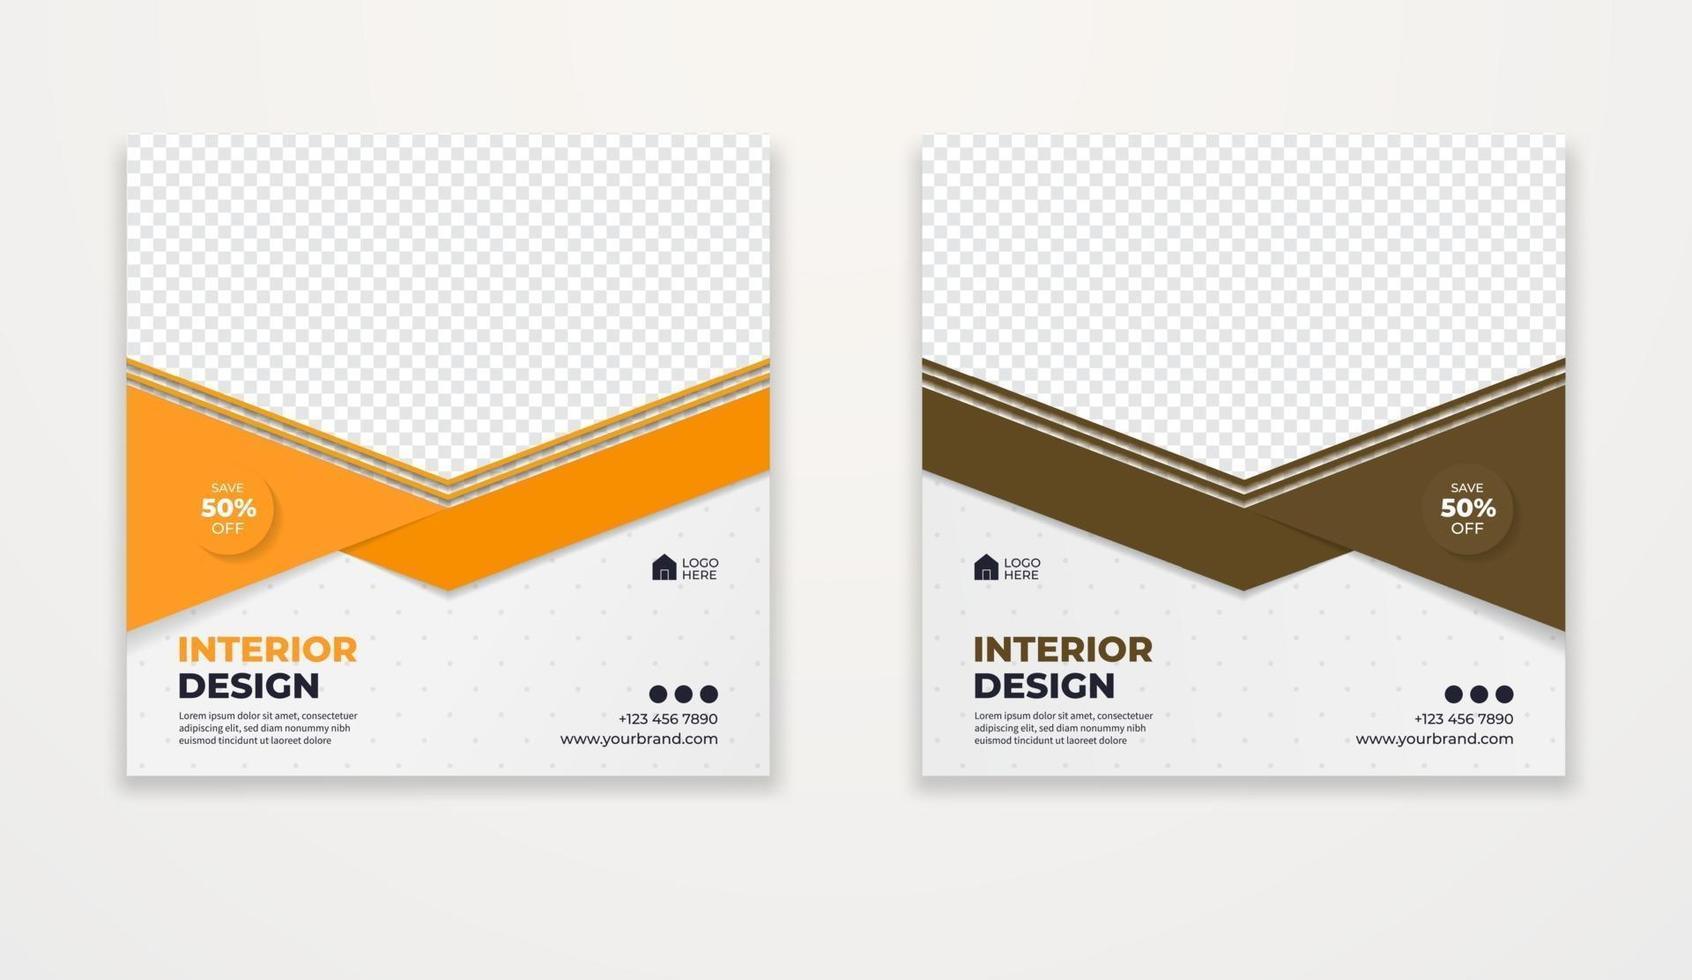 försäljning och rabatt banner mallar för inredning. vektor